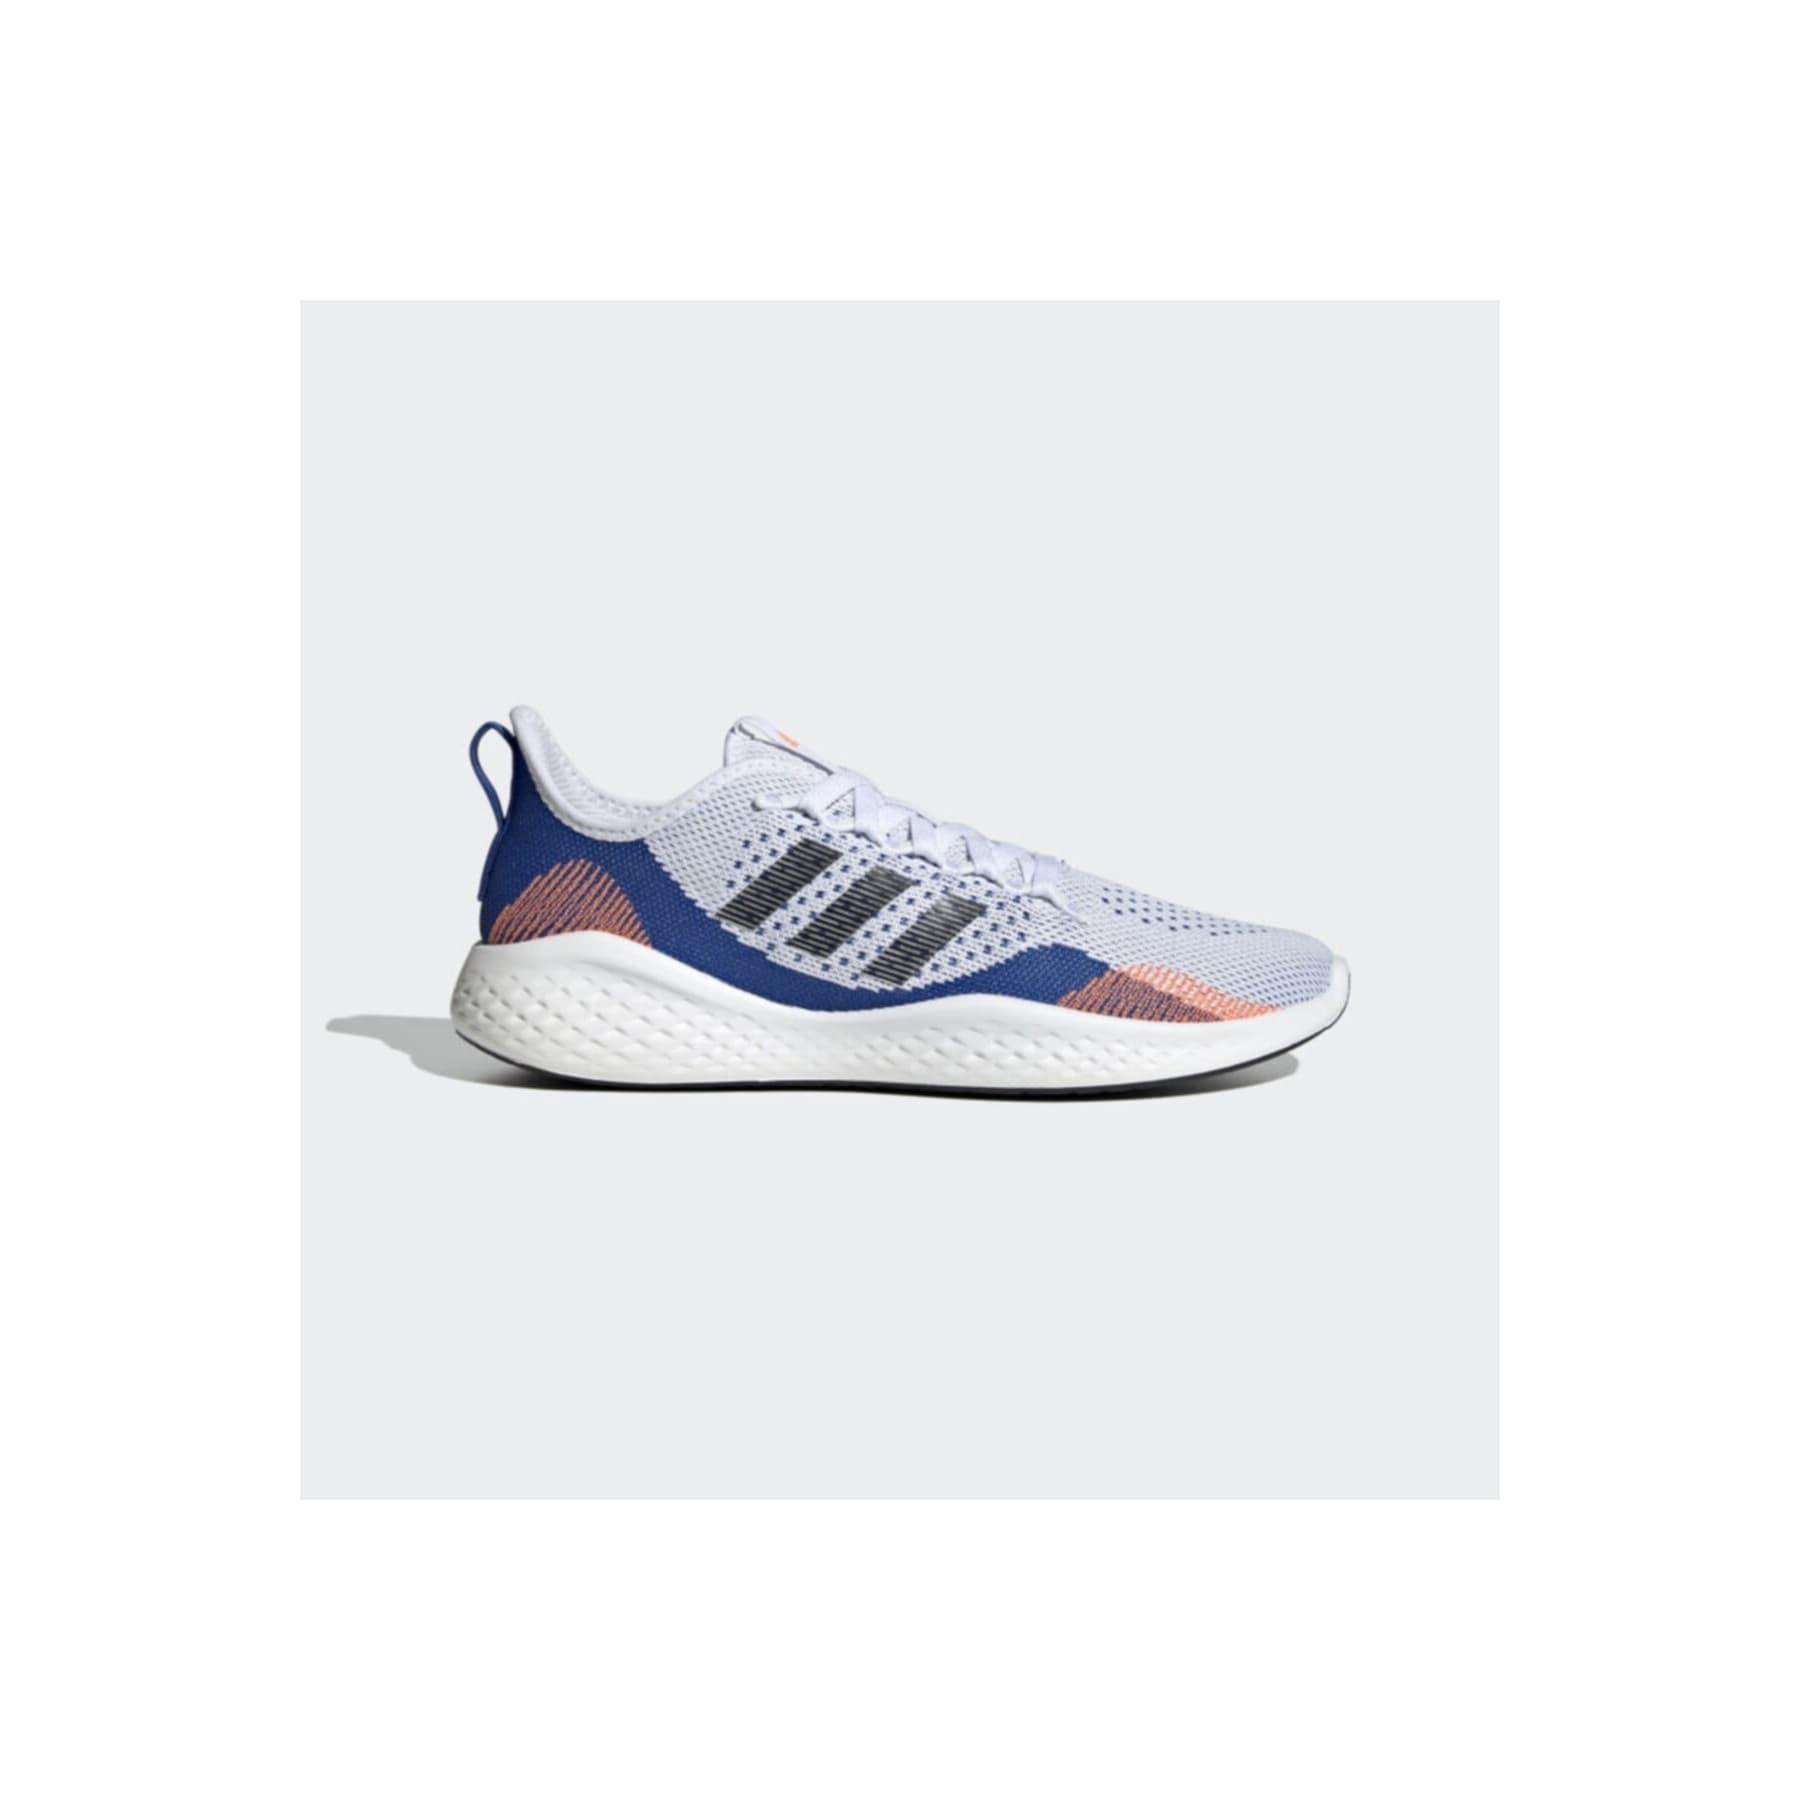 Fluidflow 2.0 Erkek Beyaz Koşu Ayakkabısı (FY5959)